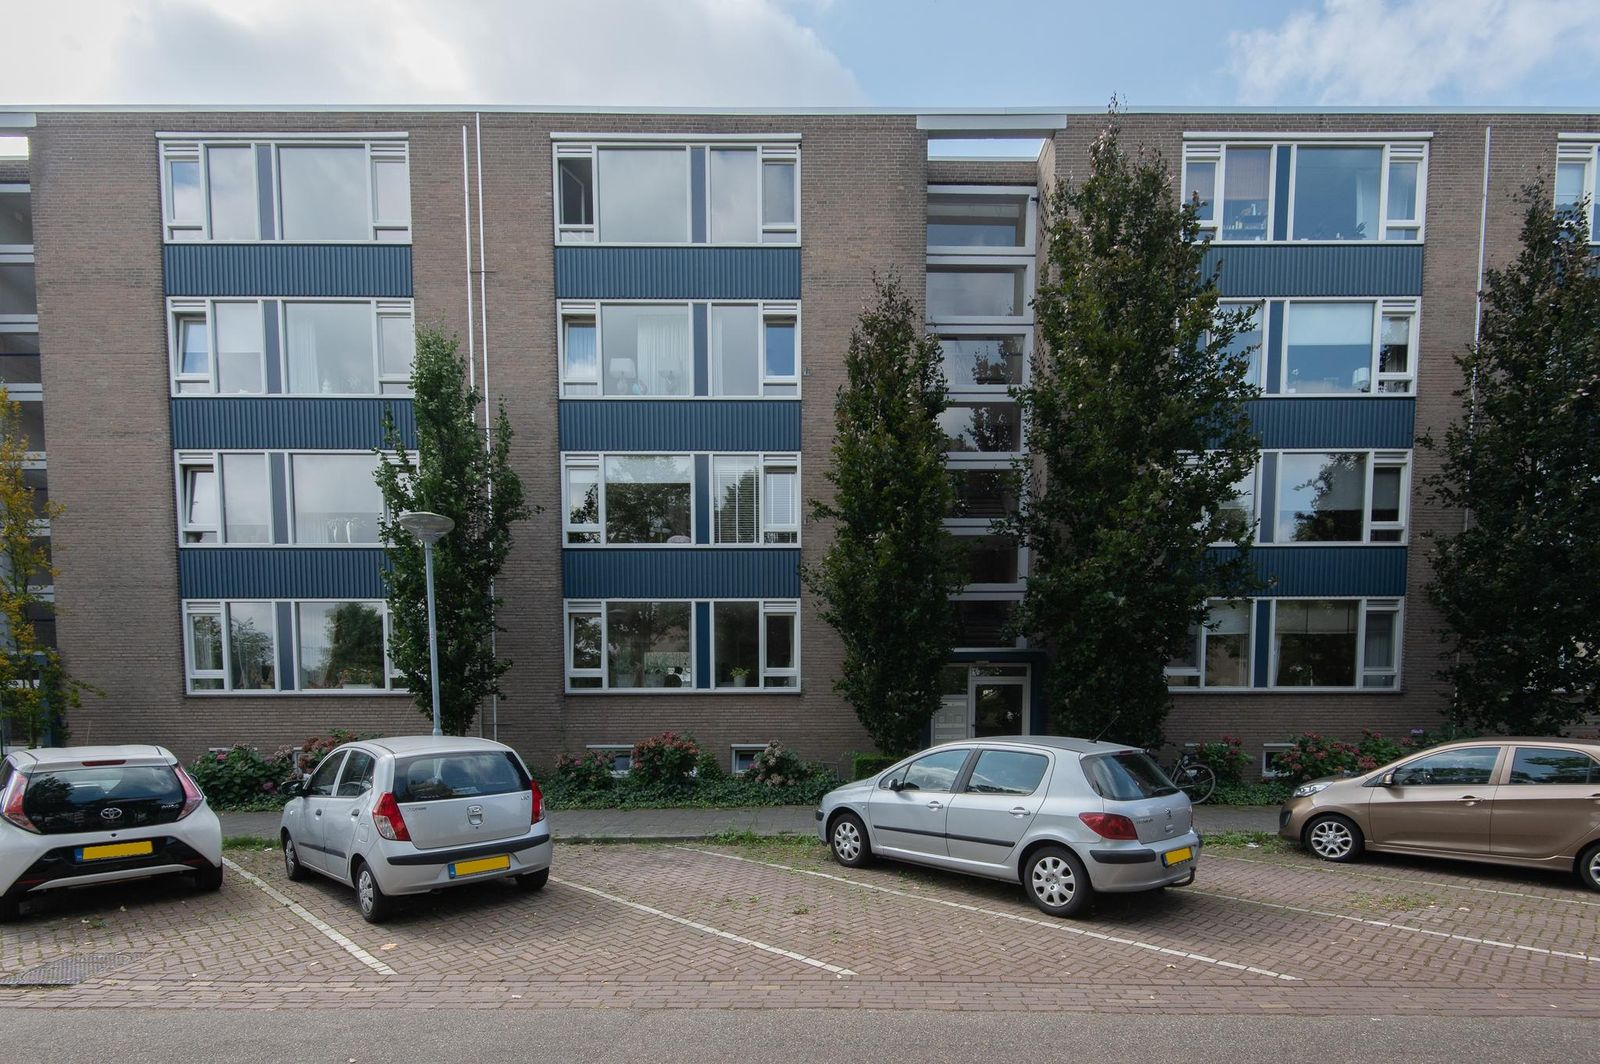 Karel van Egmondstraat 182, Venlo